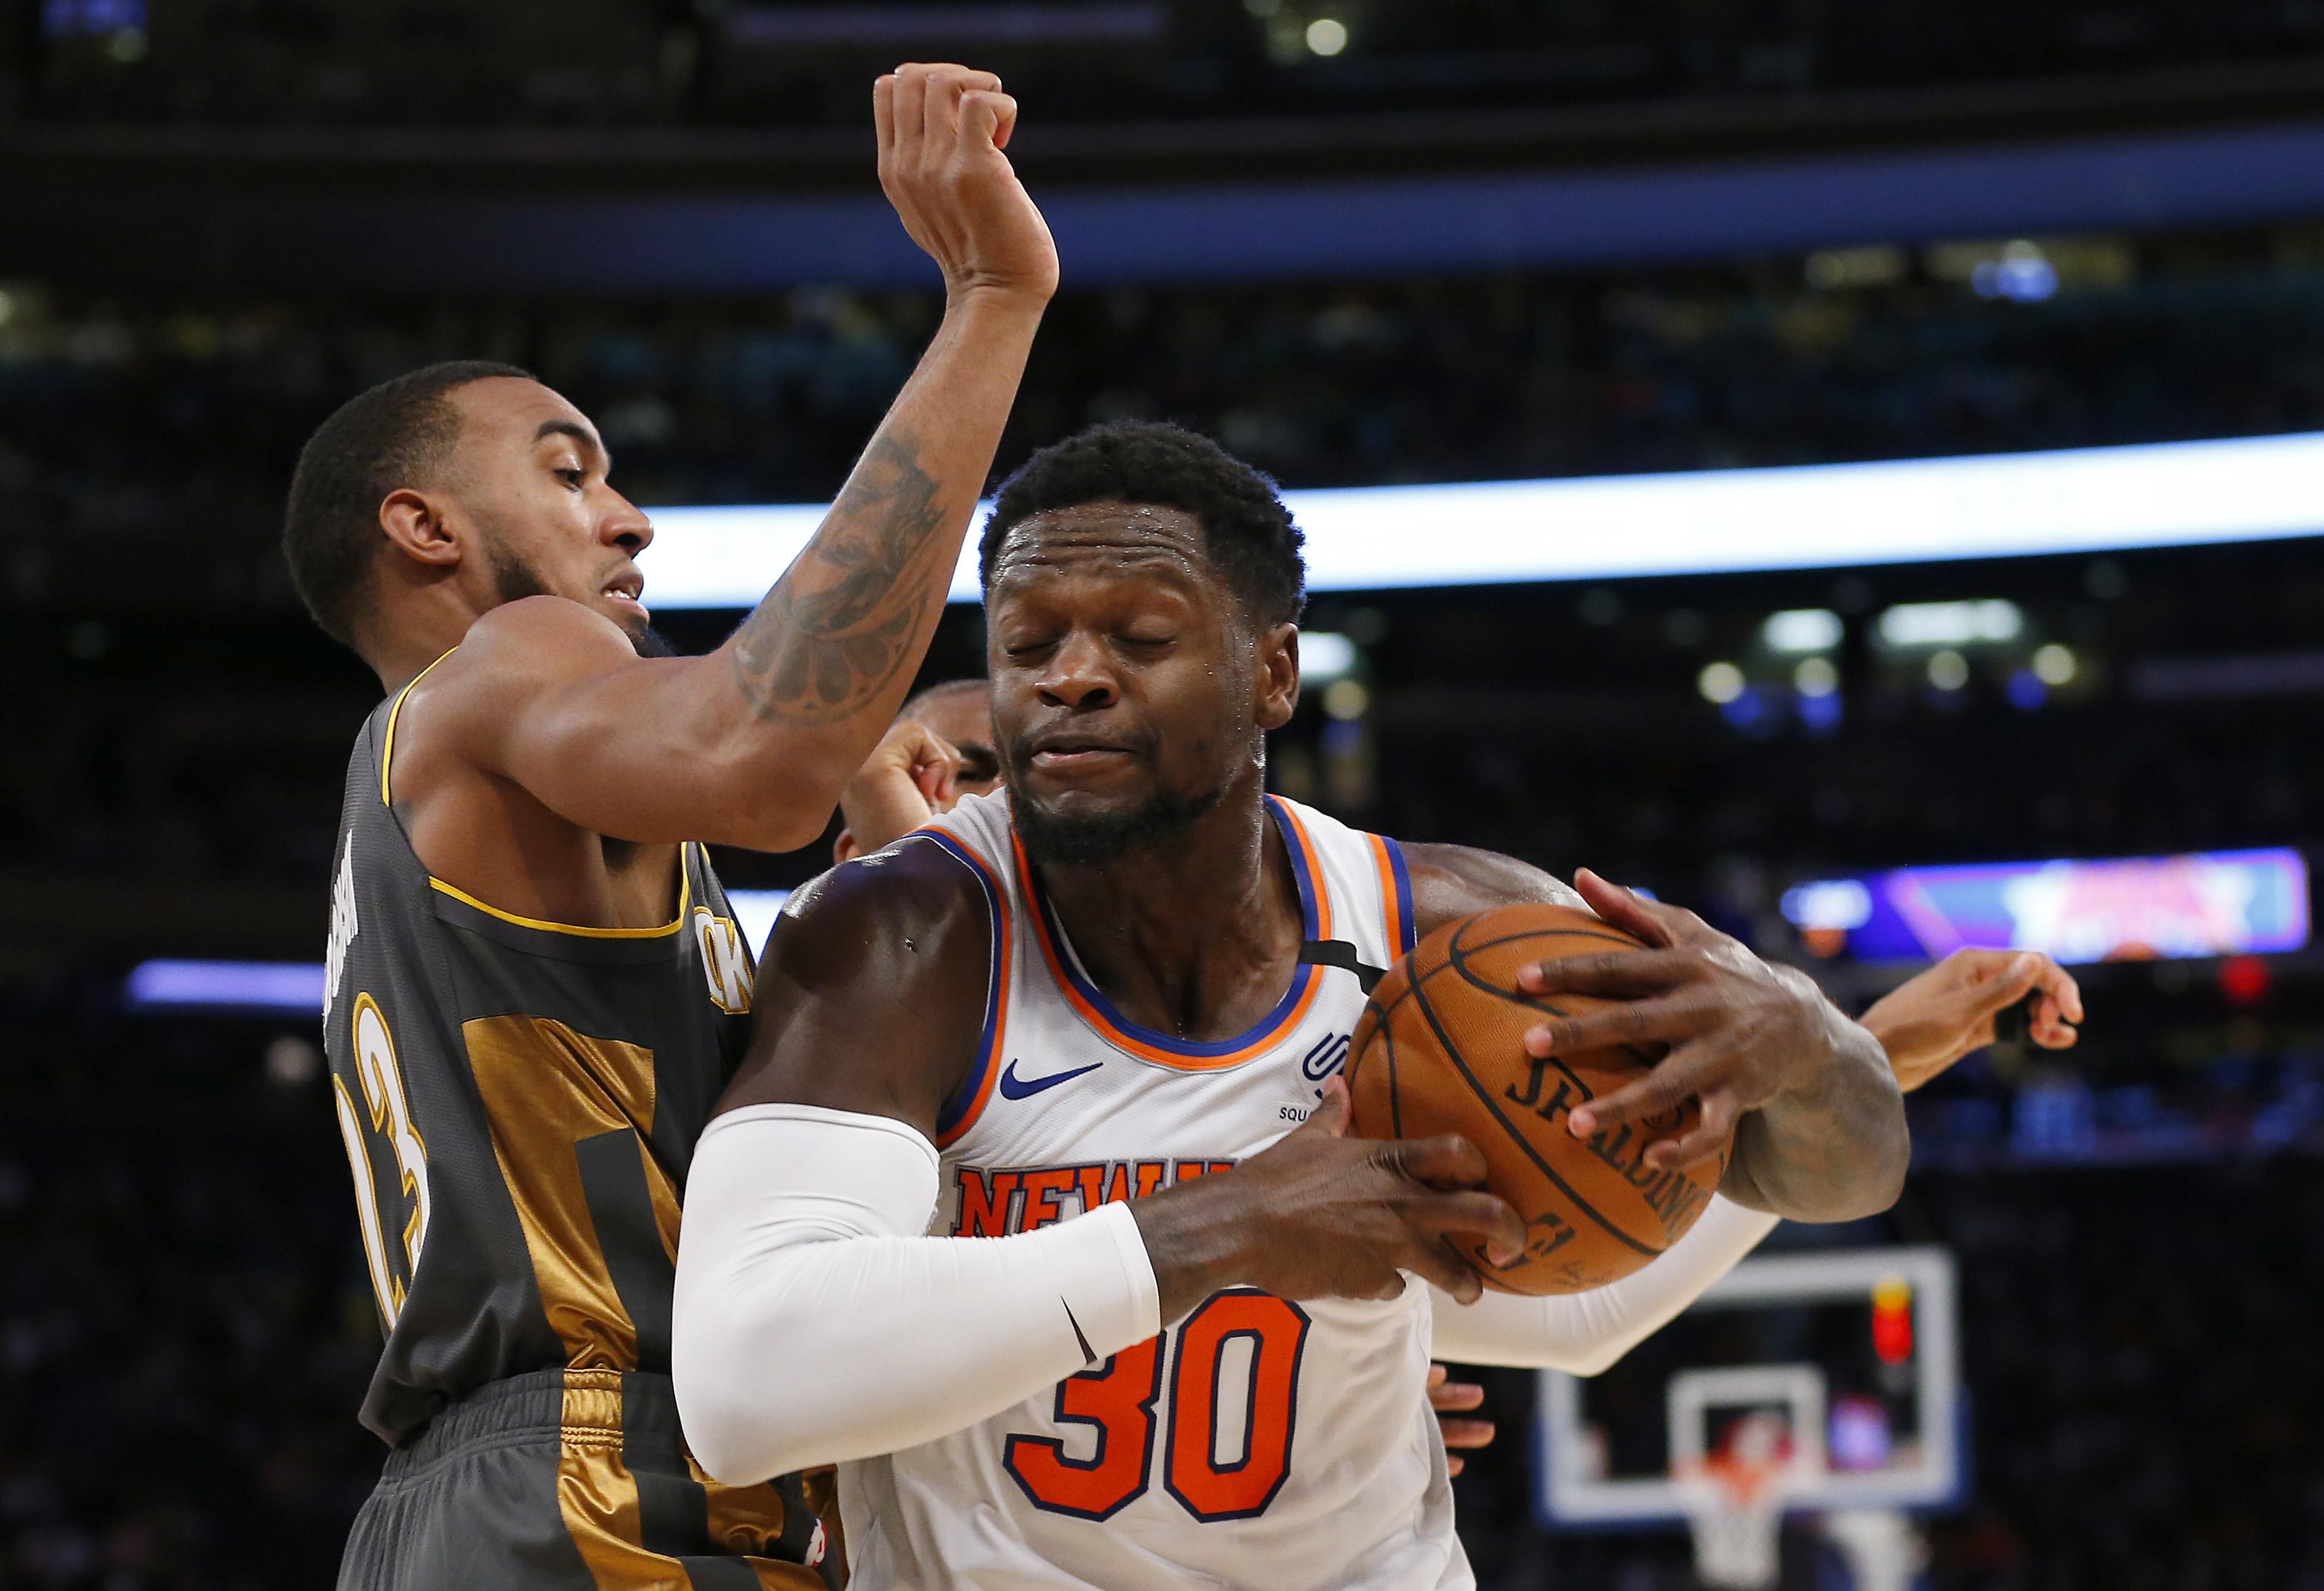 NBA: Oklahoma City Thunder at New York Knicks